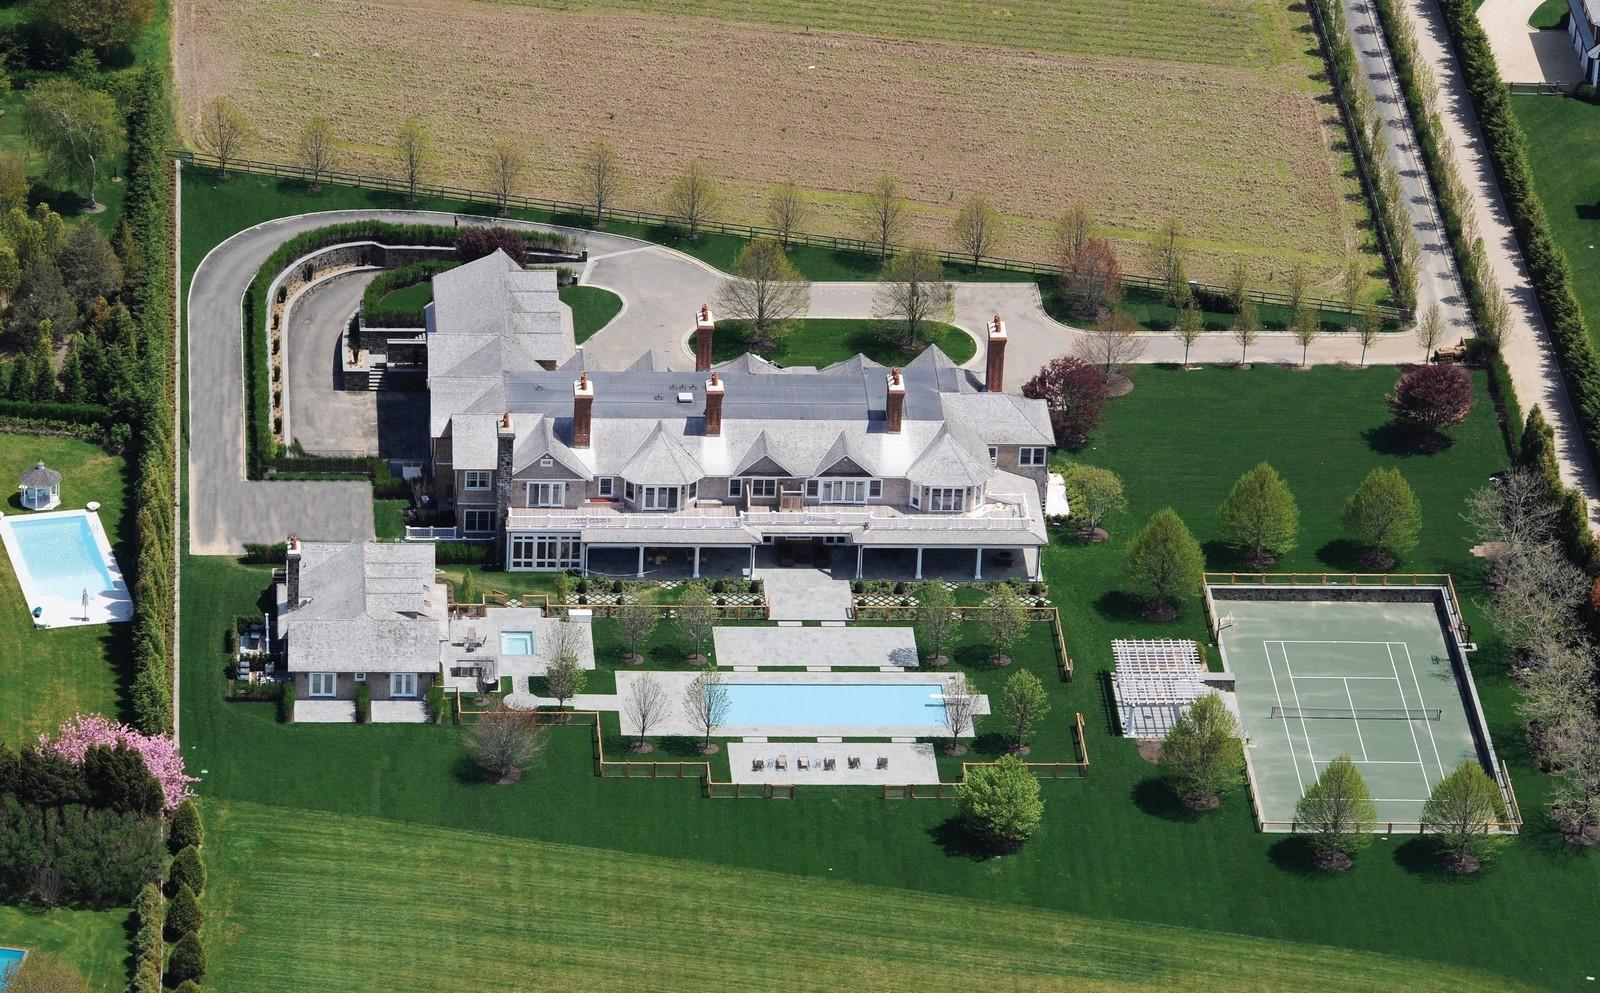 Vista aérea da mansão